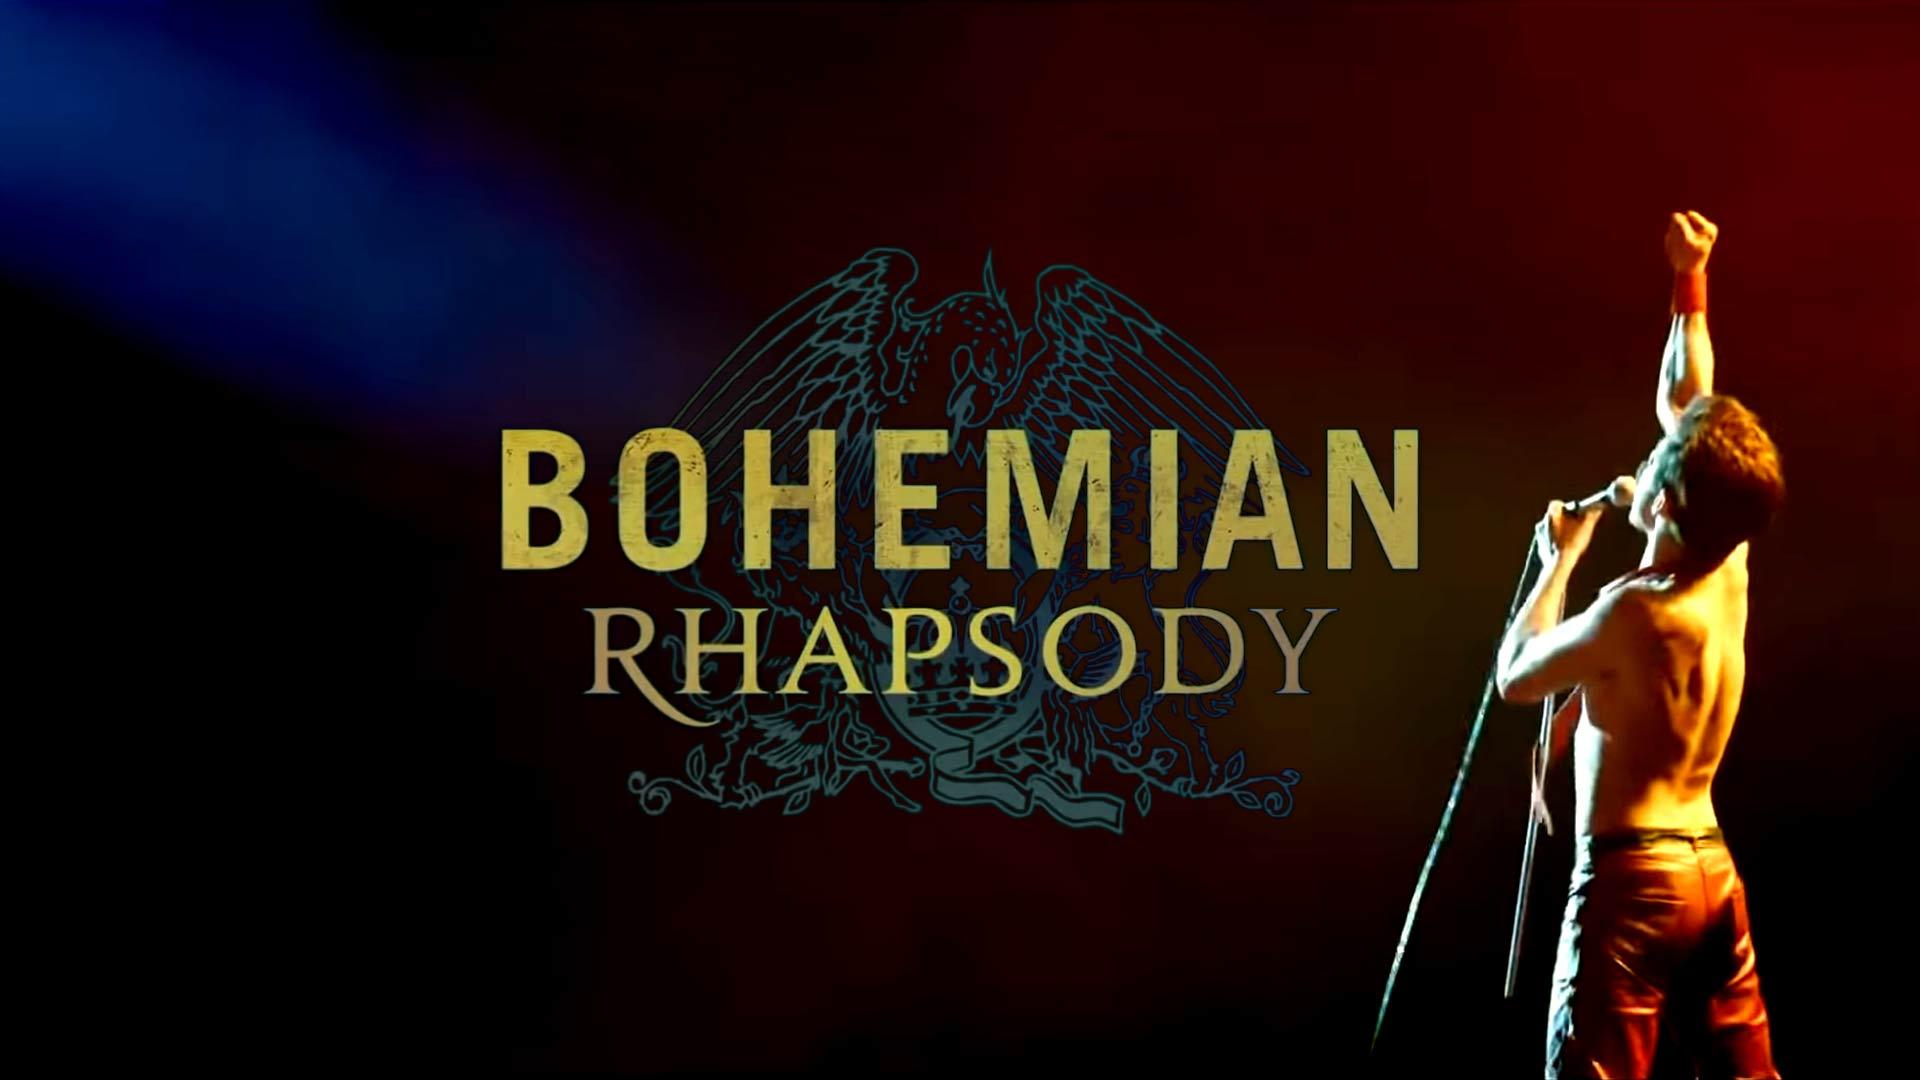 Bohemian Rhapsody Personale Interpretazione Del Testo